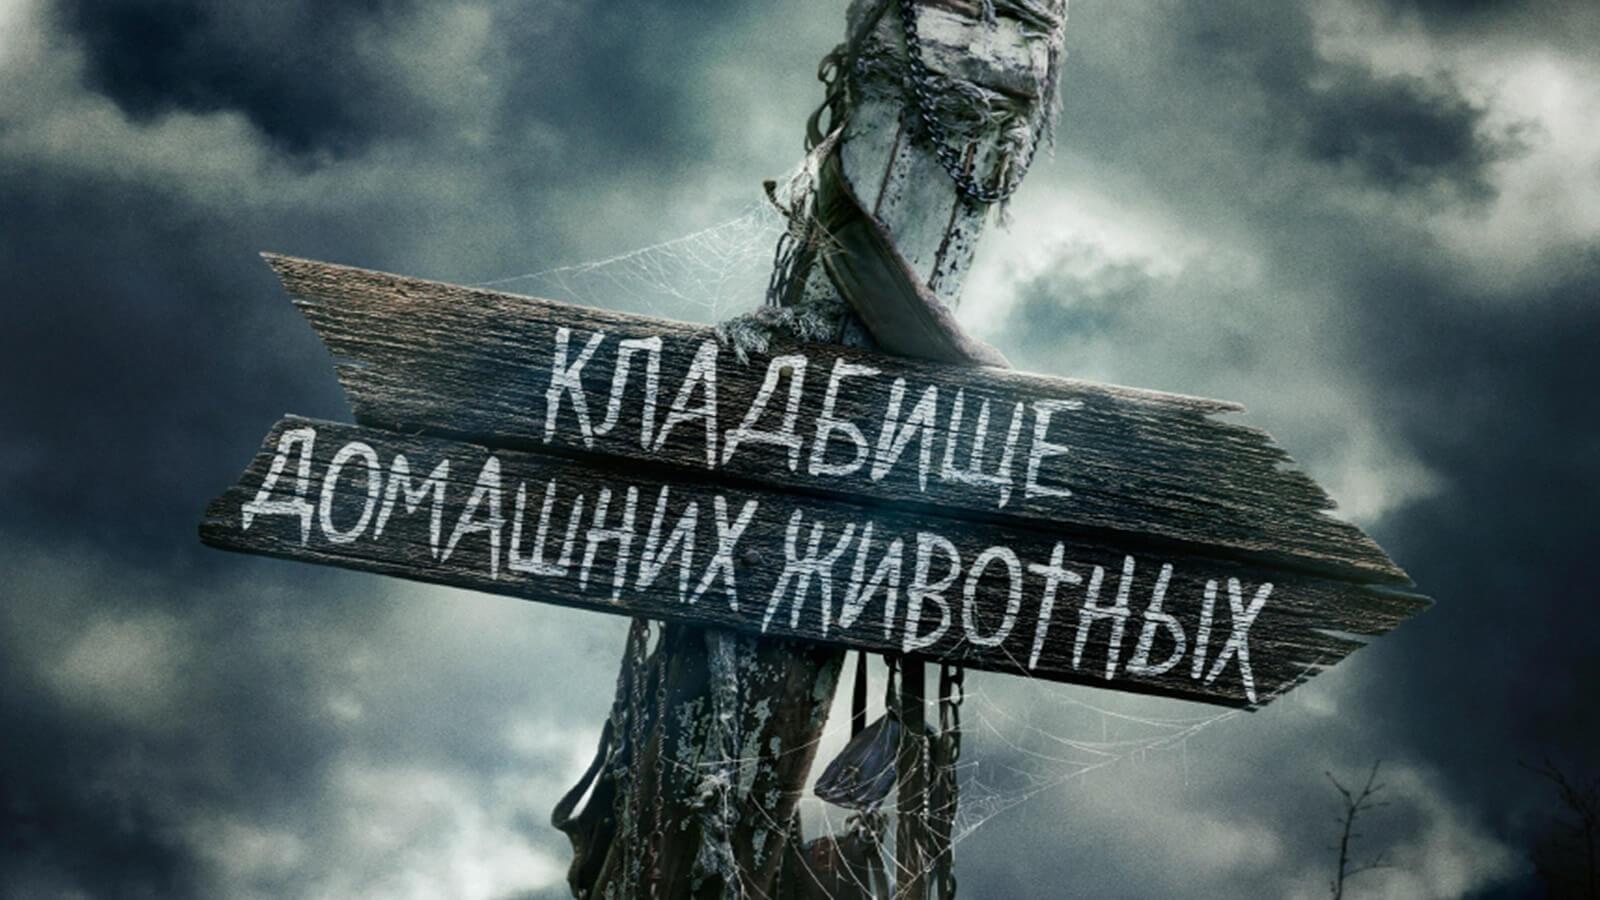 В Киеве появится кладбище домашних животных